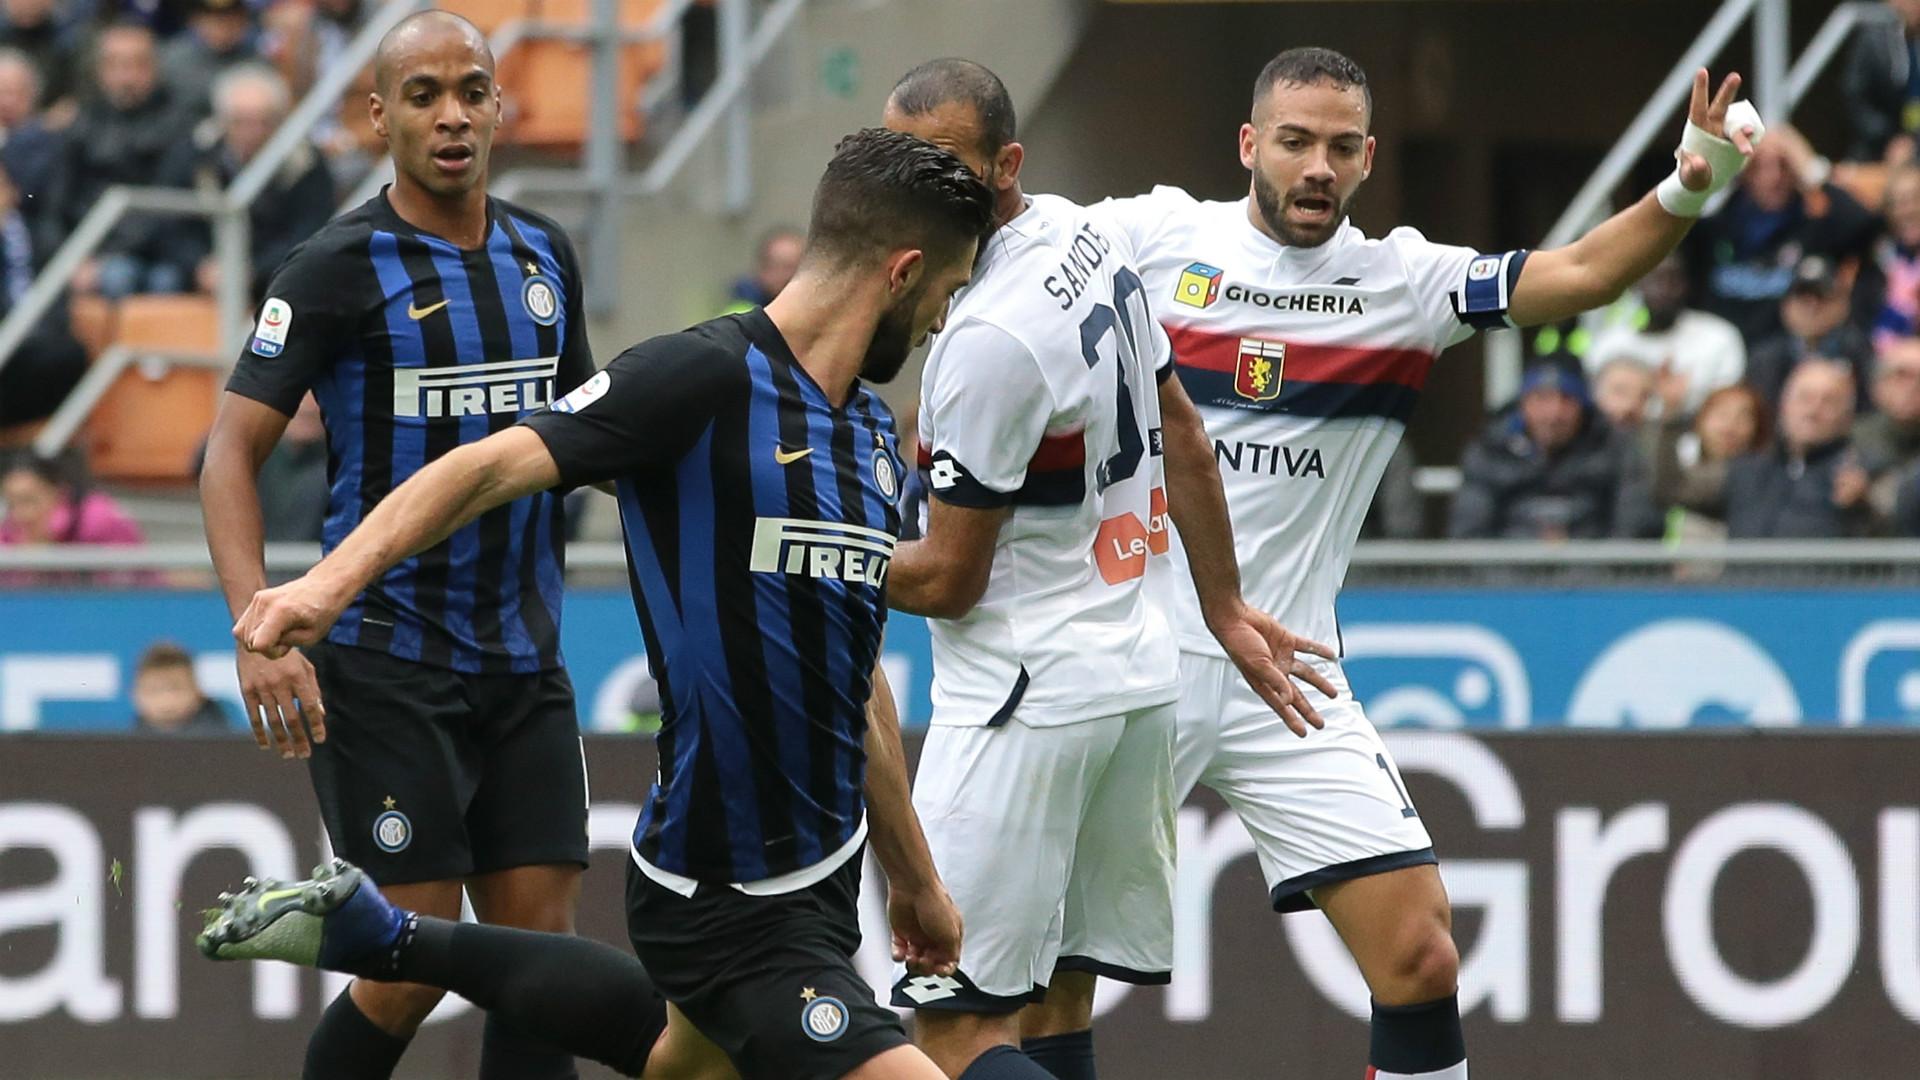 Politano Inter Genoa